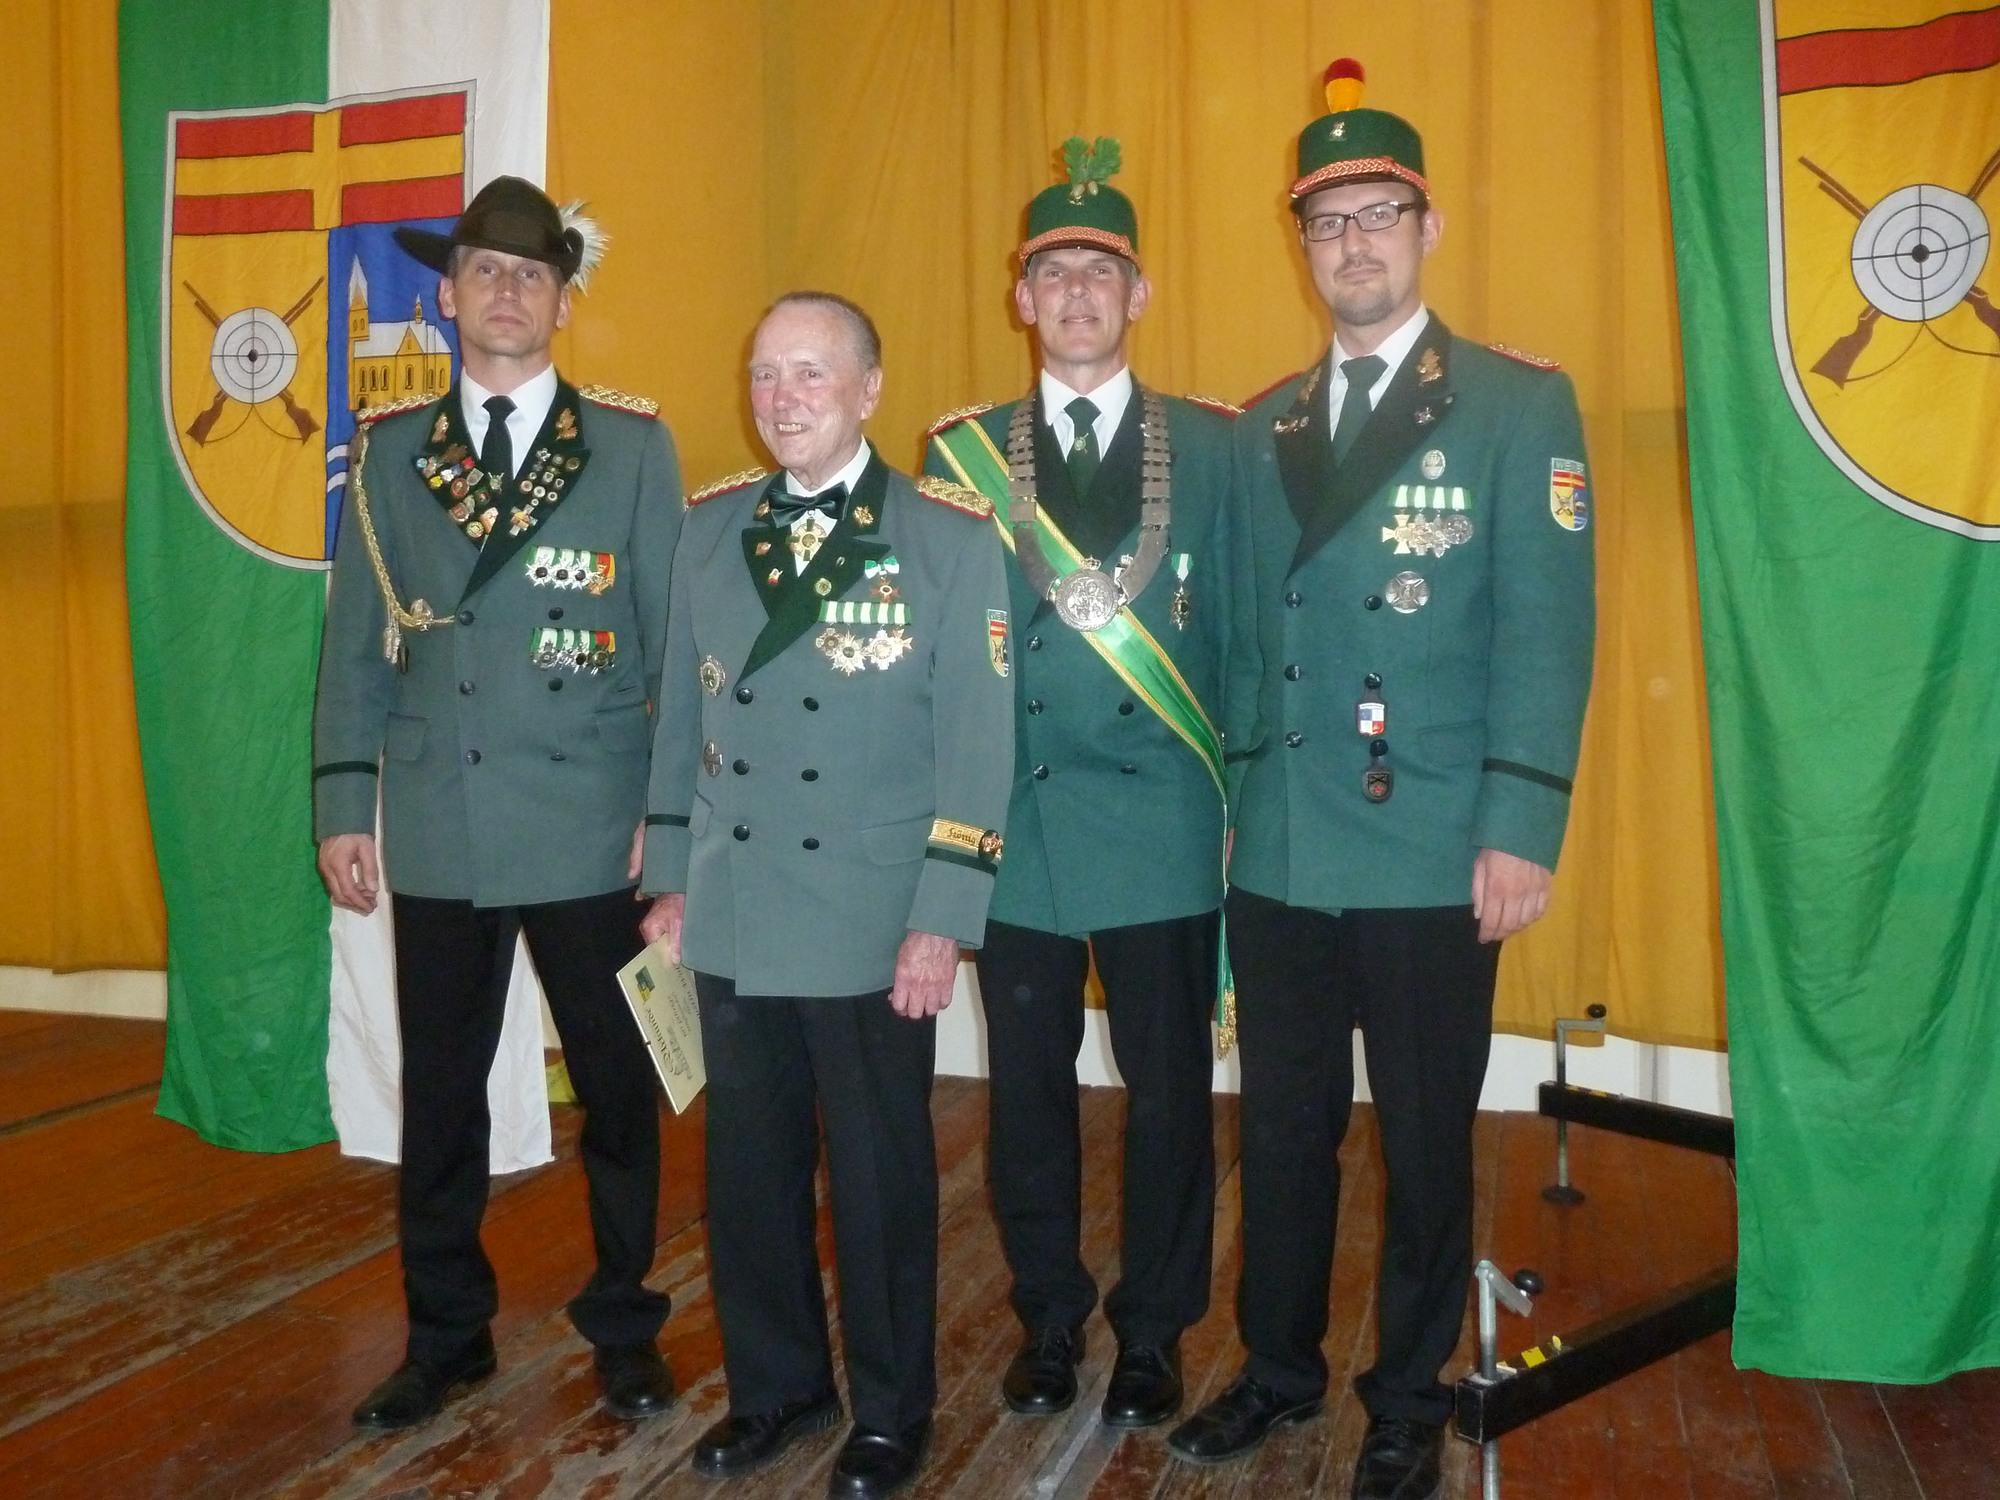 Michael Schadomsky, Augustin Wolf, Jürgen Sill (König), Christian Schäfer